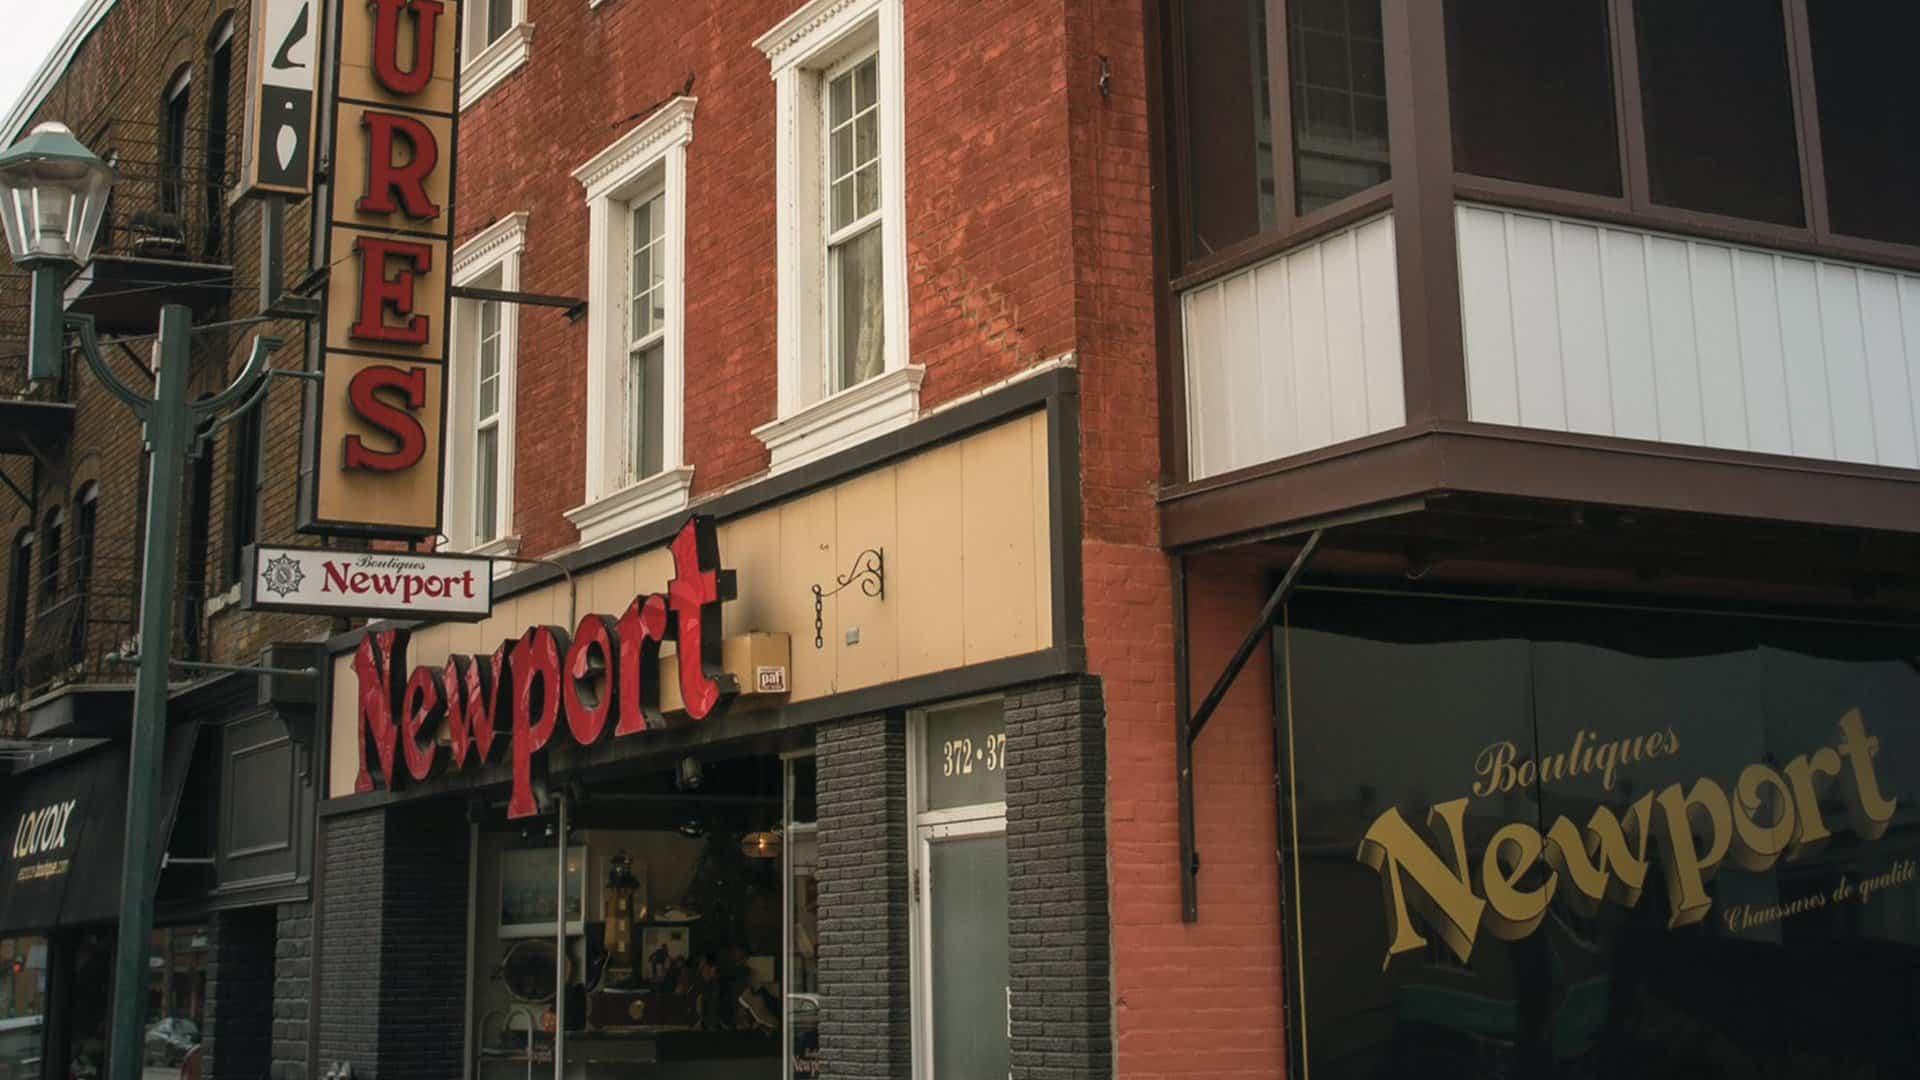 Boutiques Newport